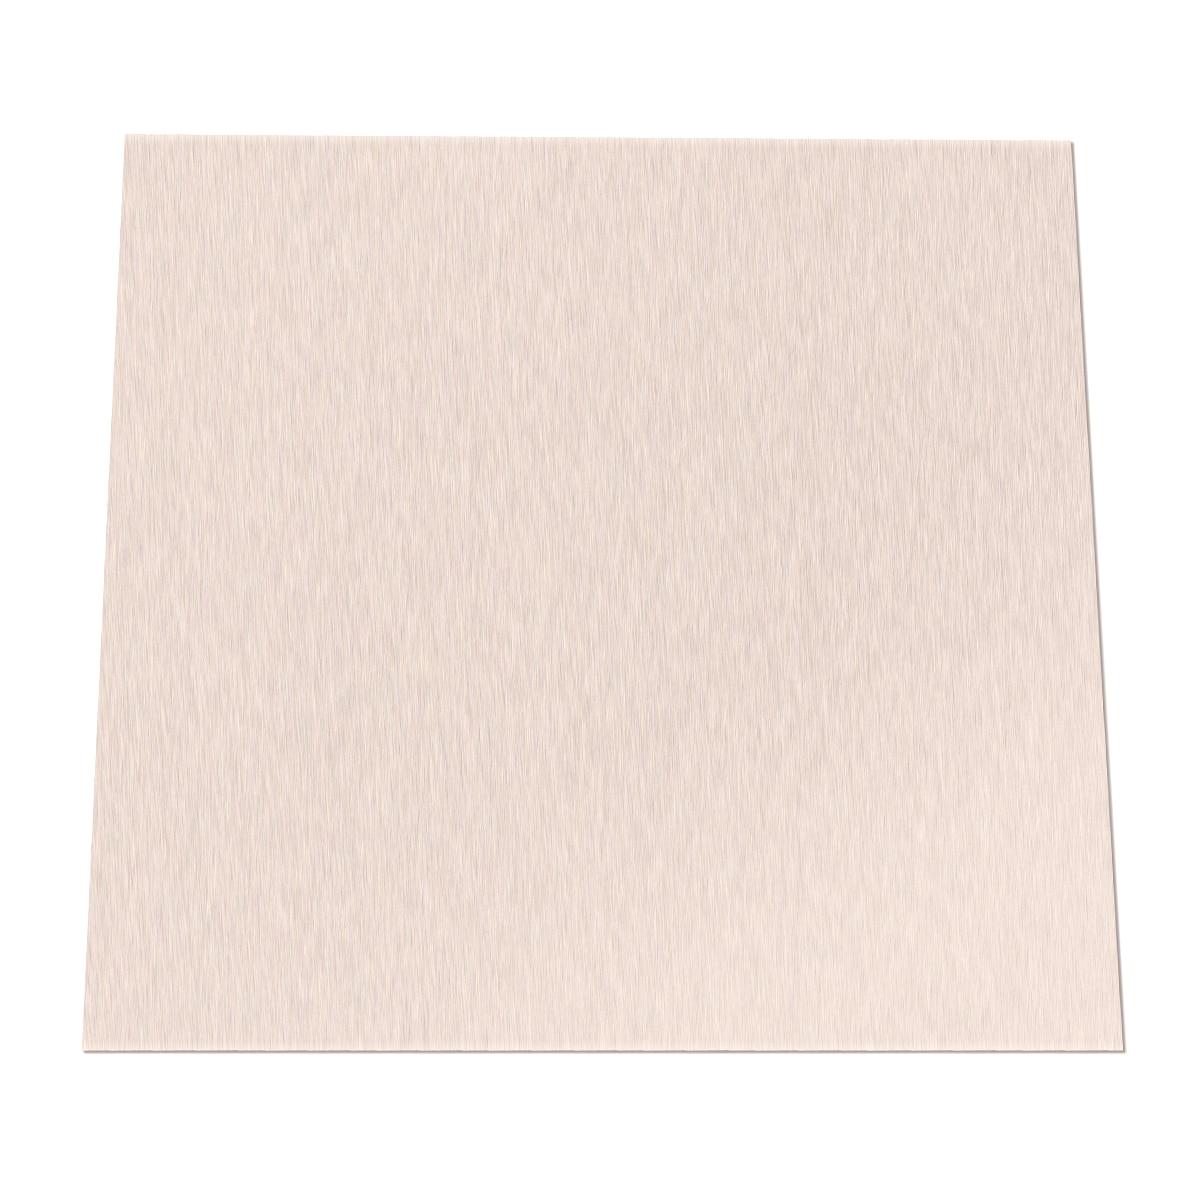 1 шт. 304 лист из нержавеющей стали тонкая полированная износостойкая пластина сверхтвердая плоская фольга DIY промышленный инструмент 0,5*100*100 мм